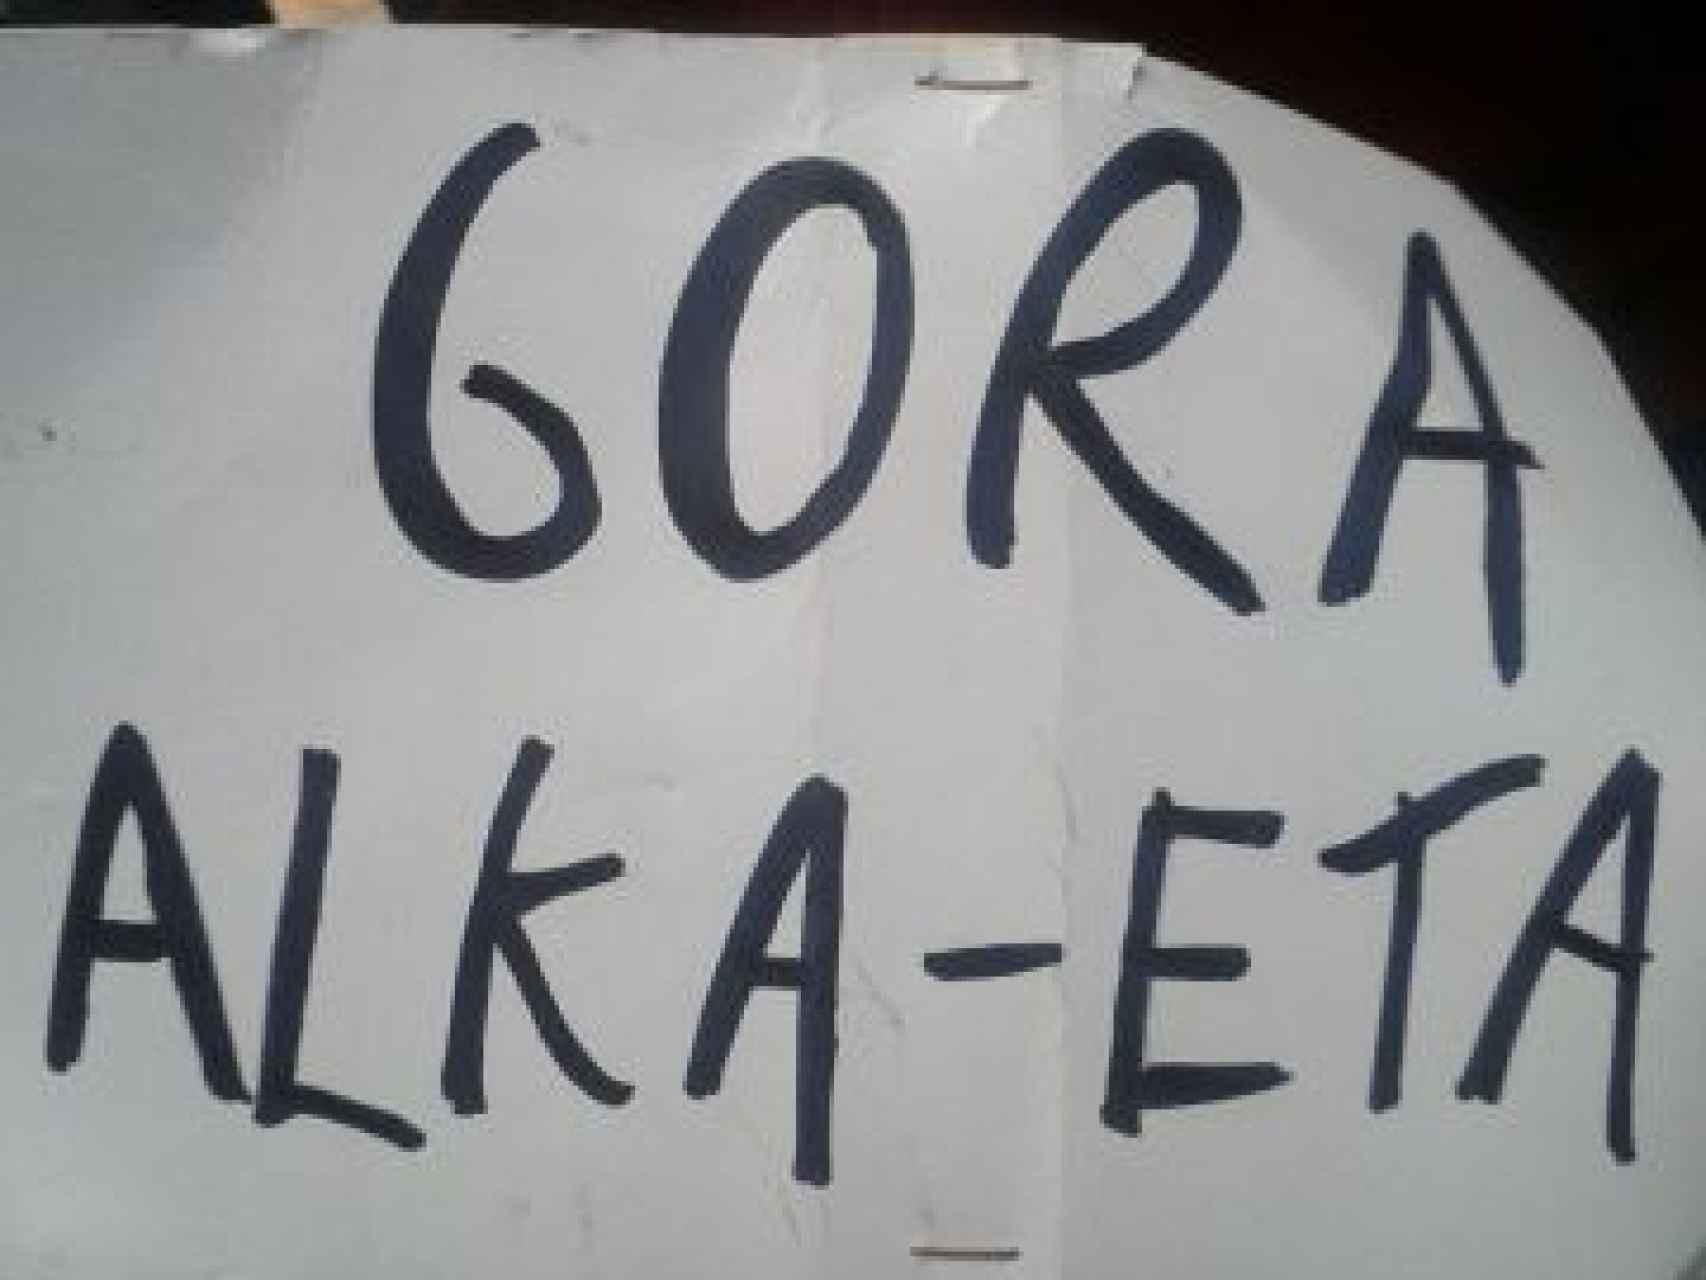 La pancarta desplegada en el escenario